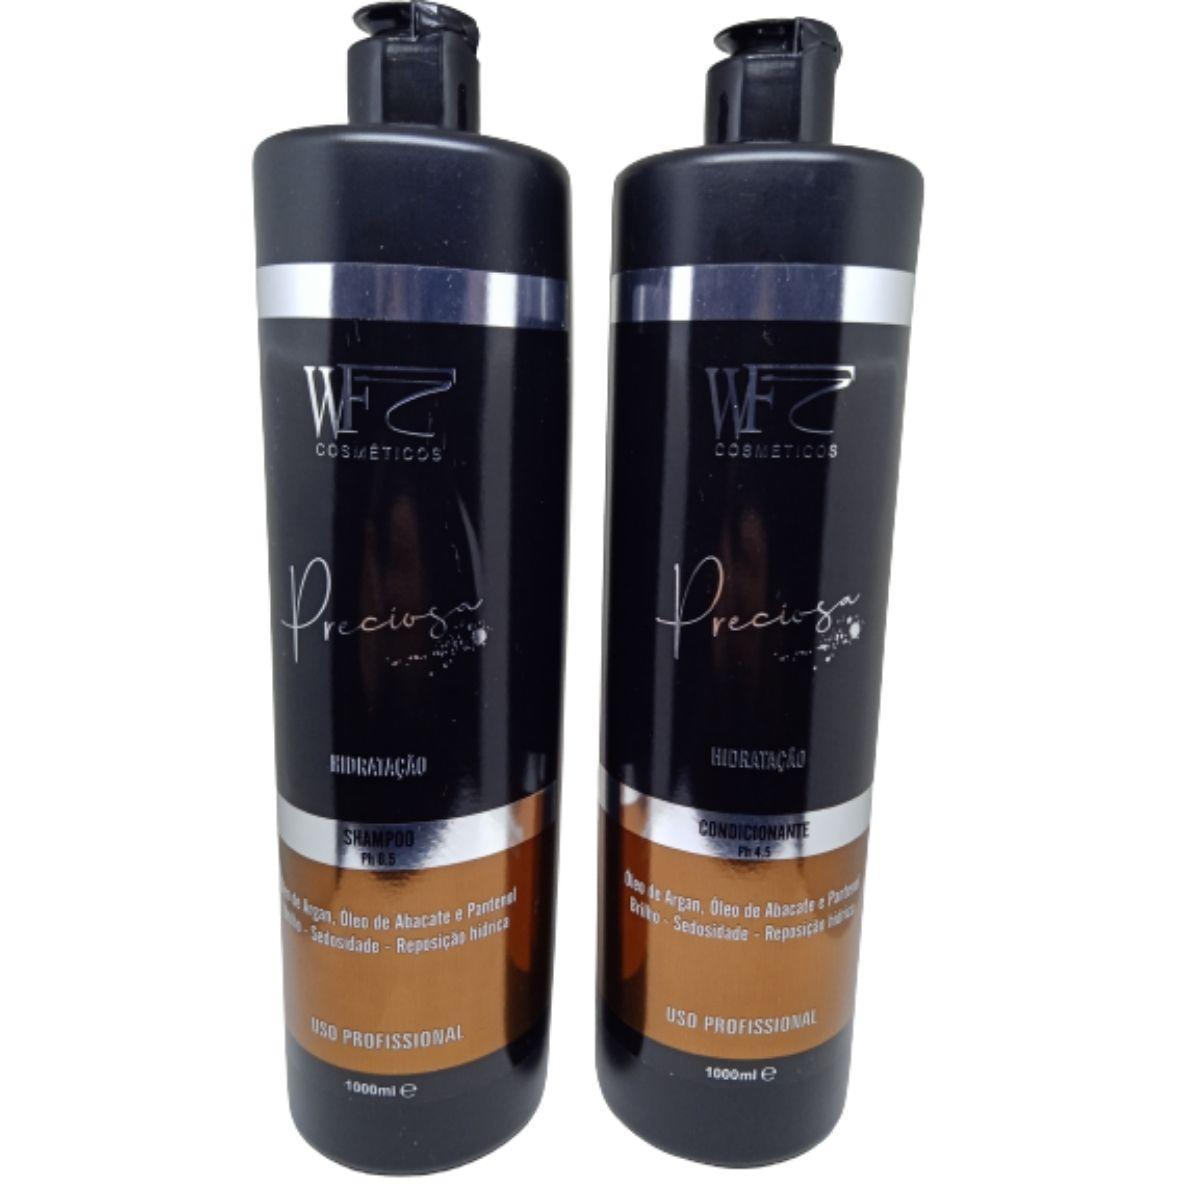 Kit Wf Cosméticos Preciosa  HIDRATAÇÃO  Duo Professional (2 Produtos)